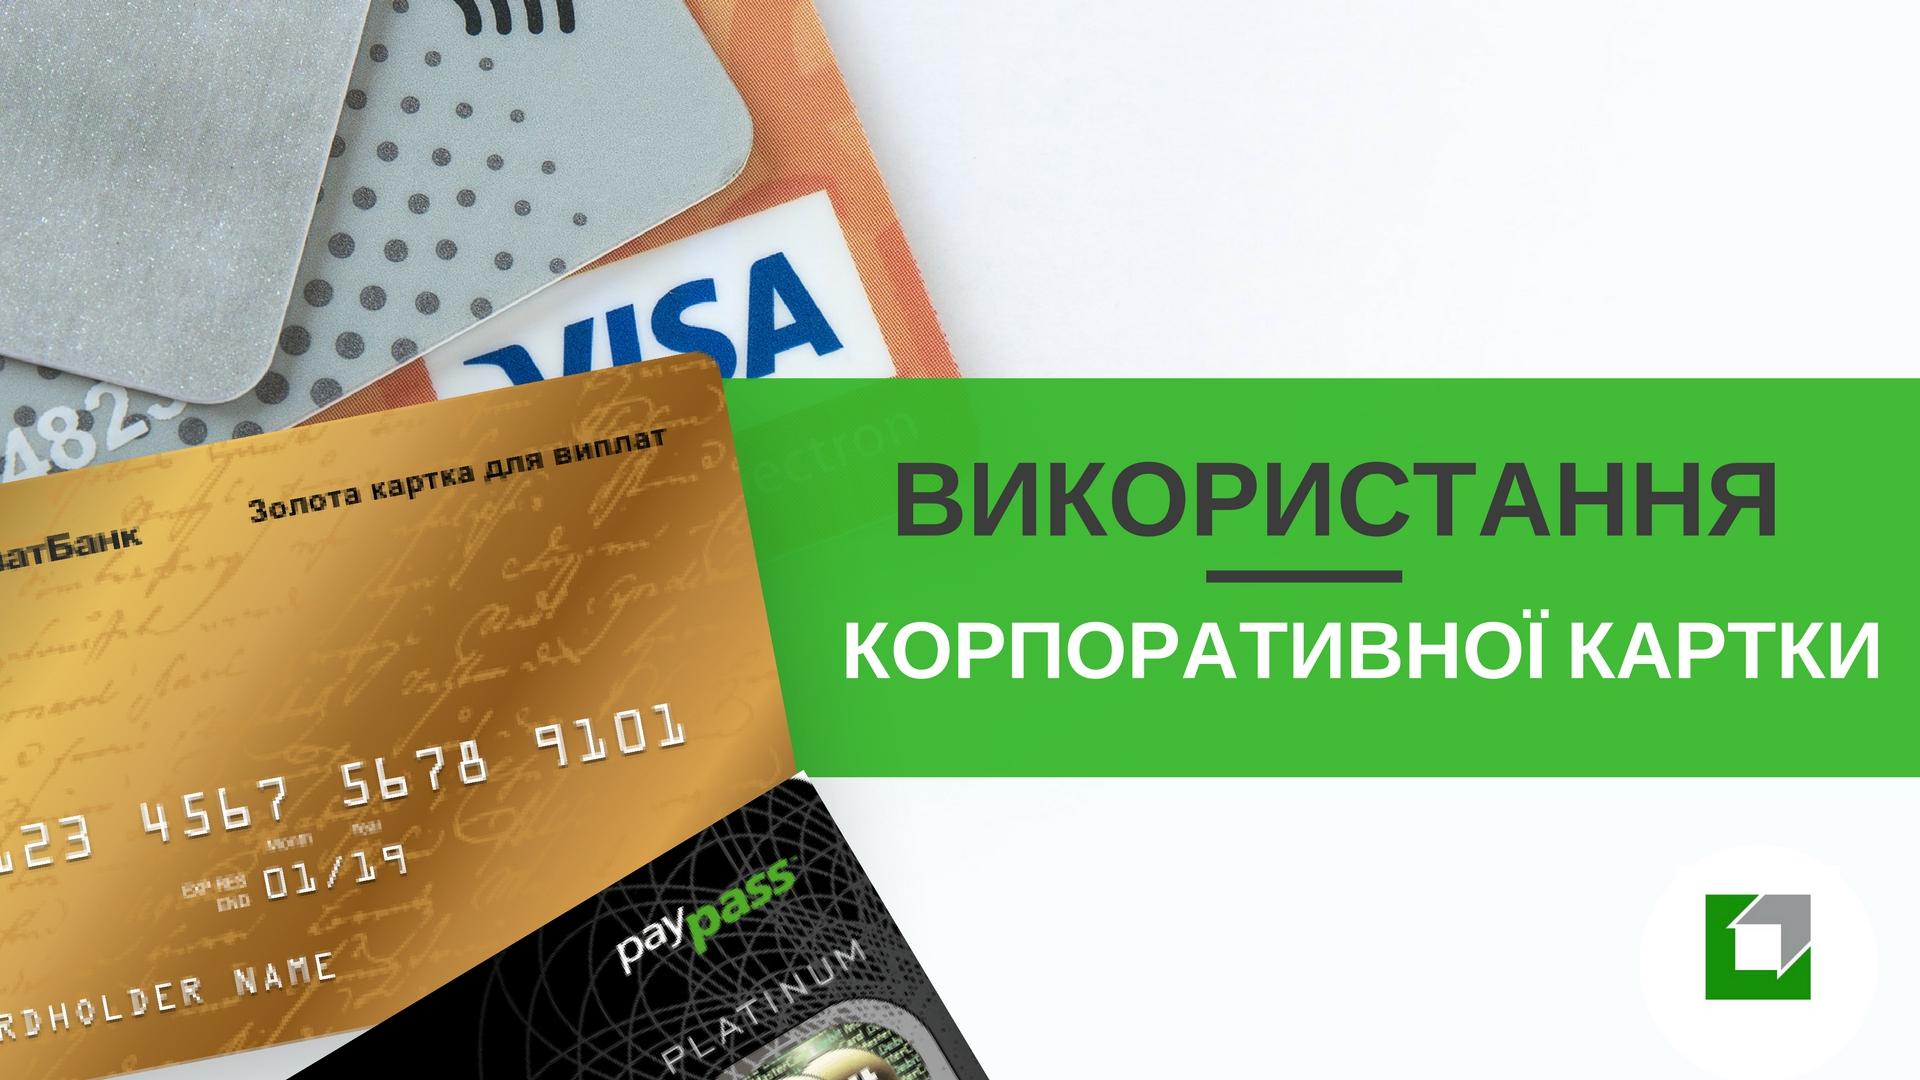 Використання корпоративної банківської картки